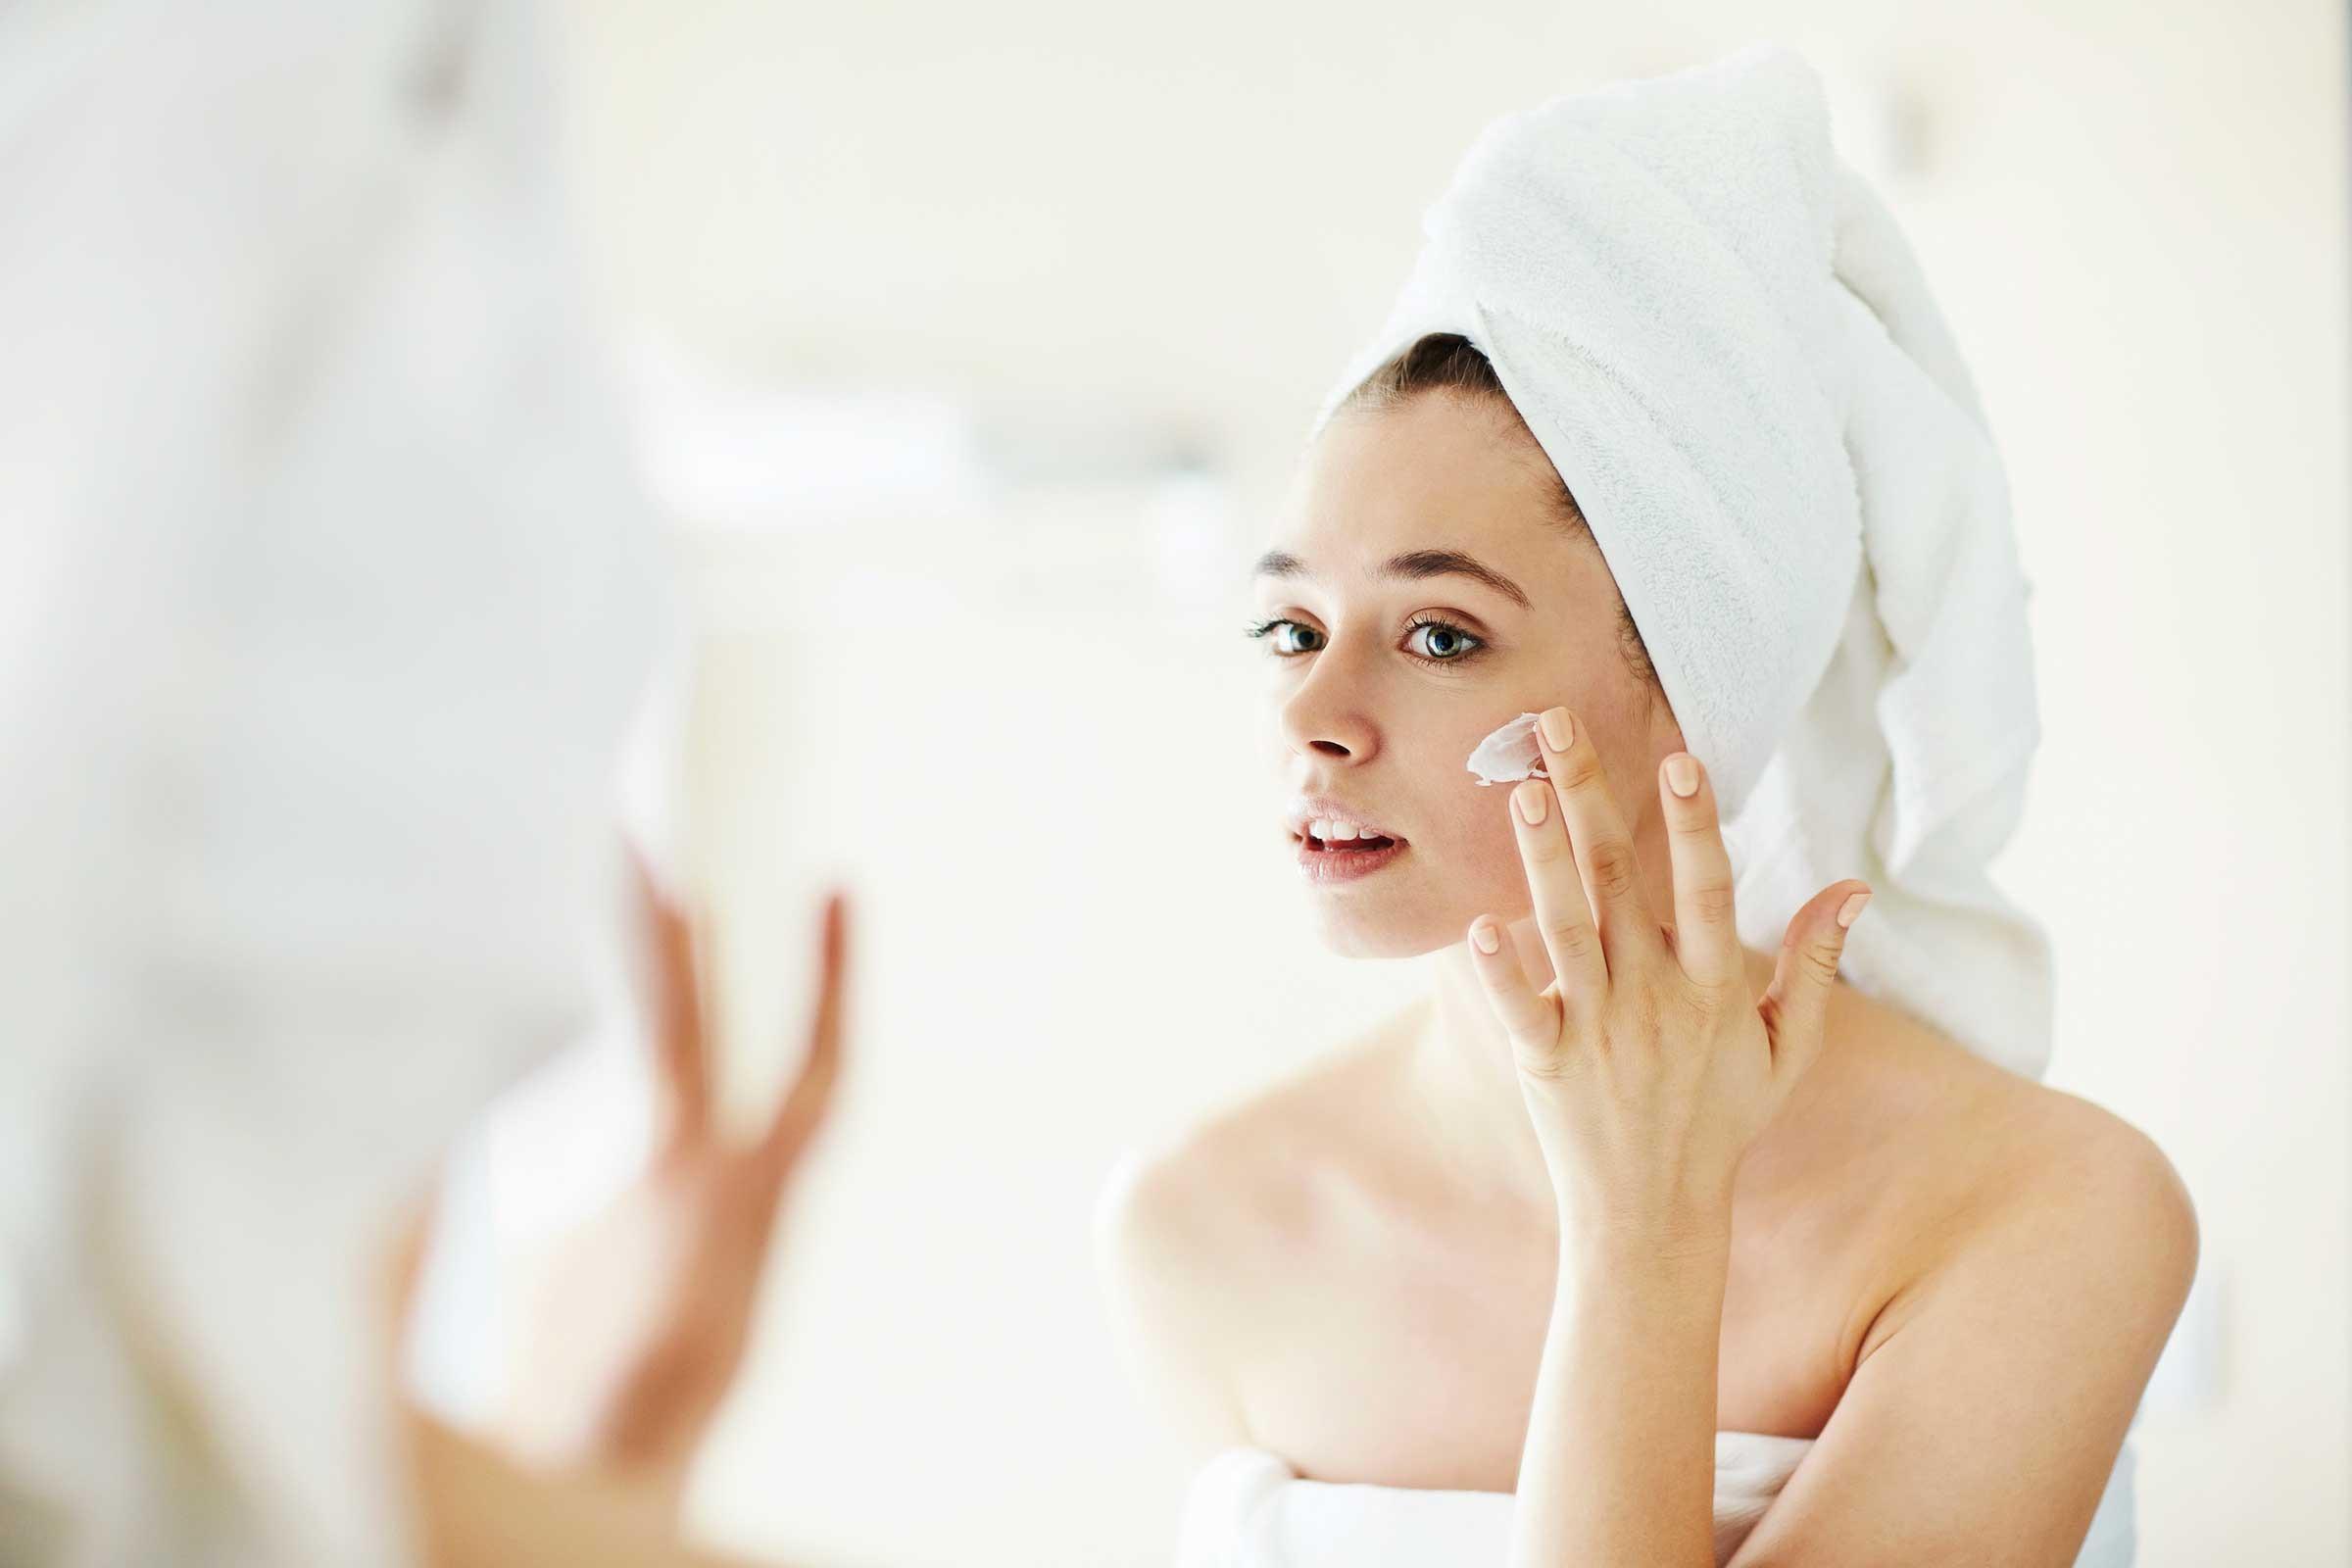 Cara pakai sunscreen yang benar,mana yang benar pakai sunscreen sebelum